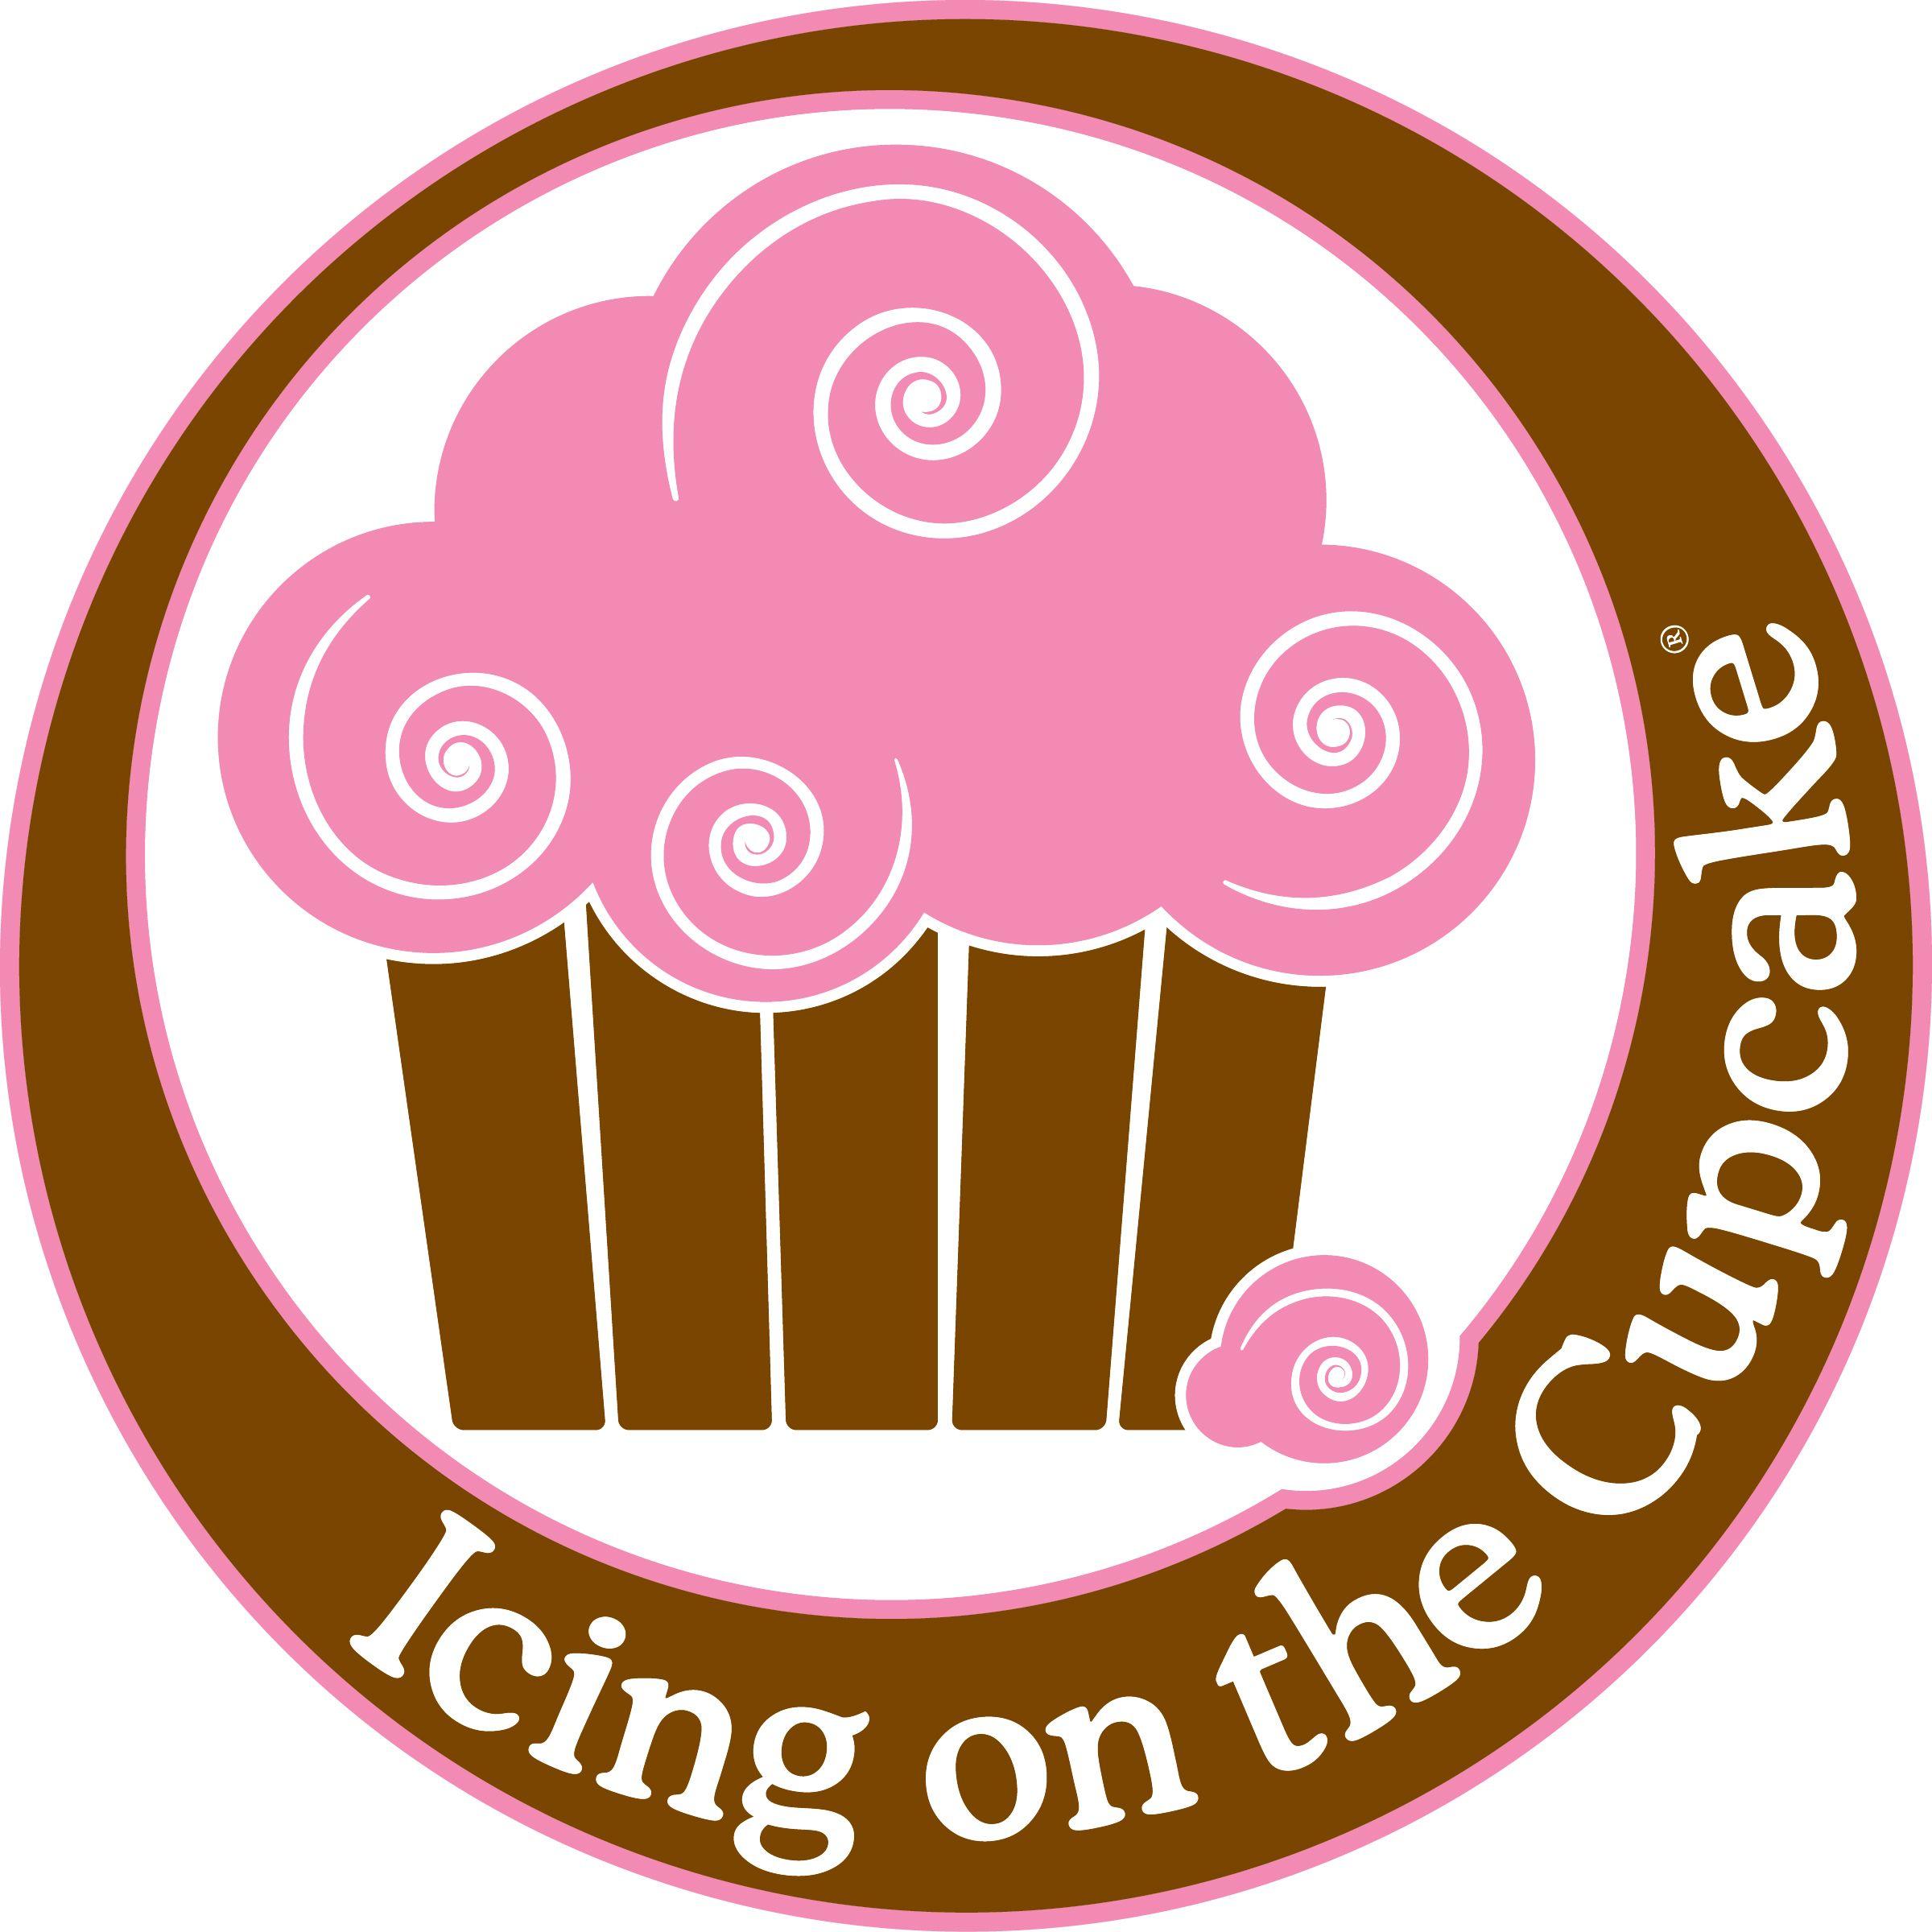 cupcake bakery logos 188 16 kb jpeg warning terrible